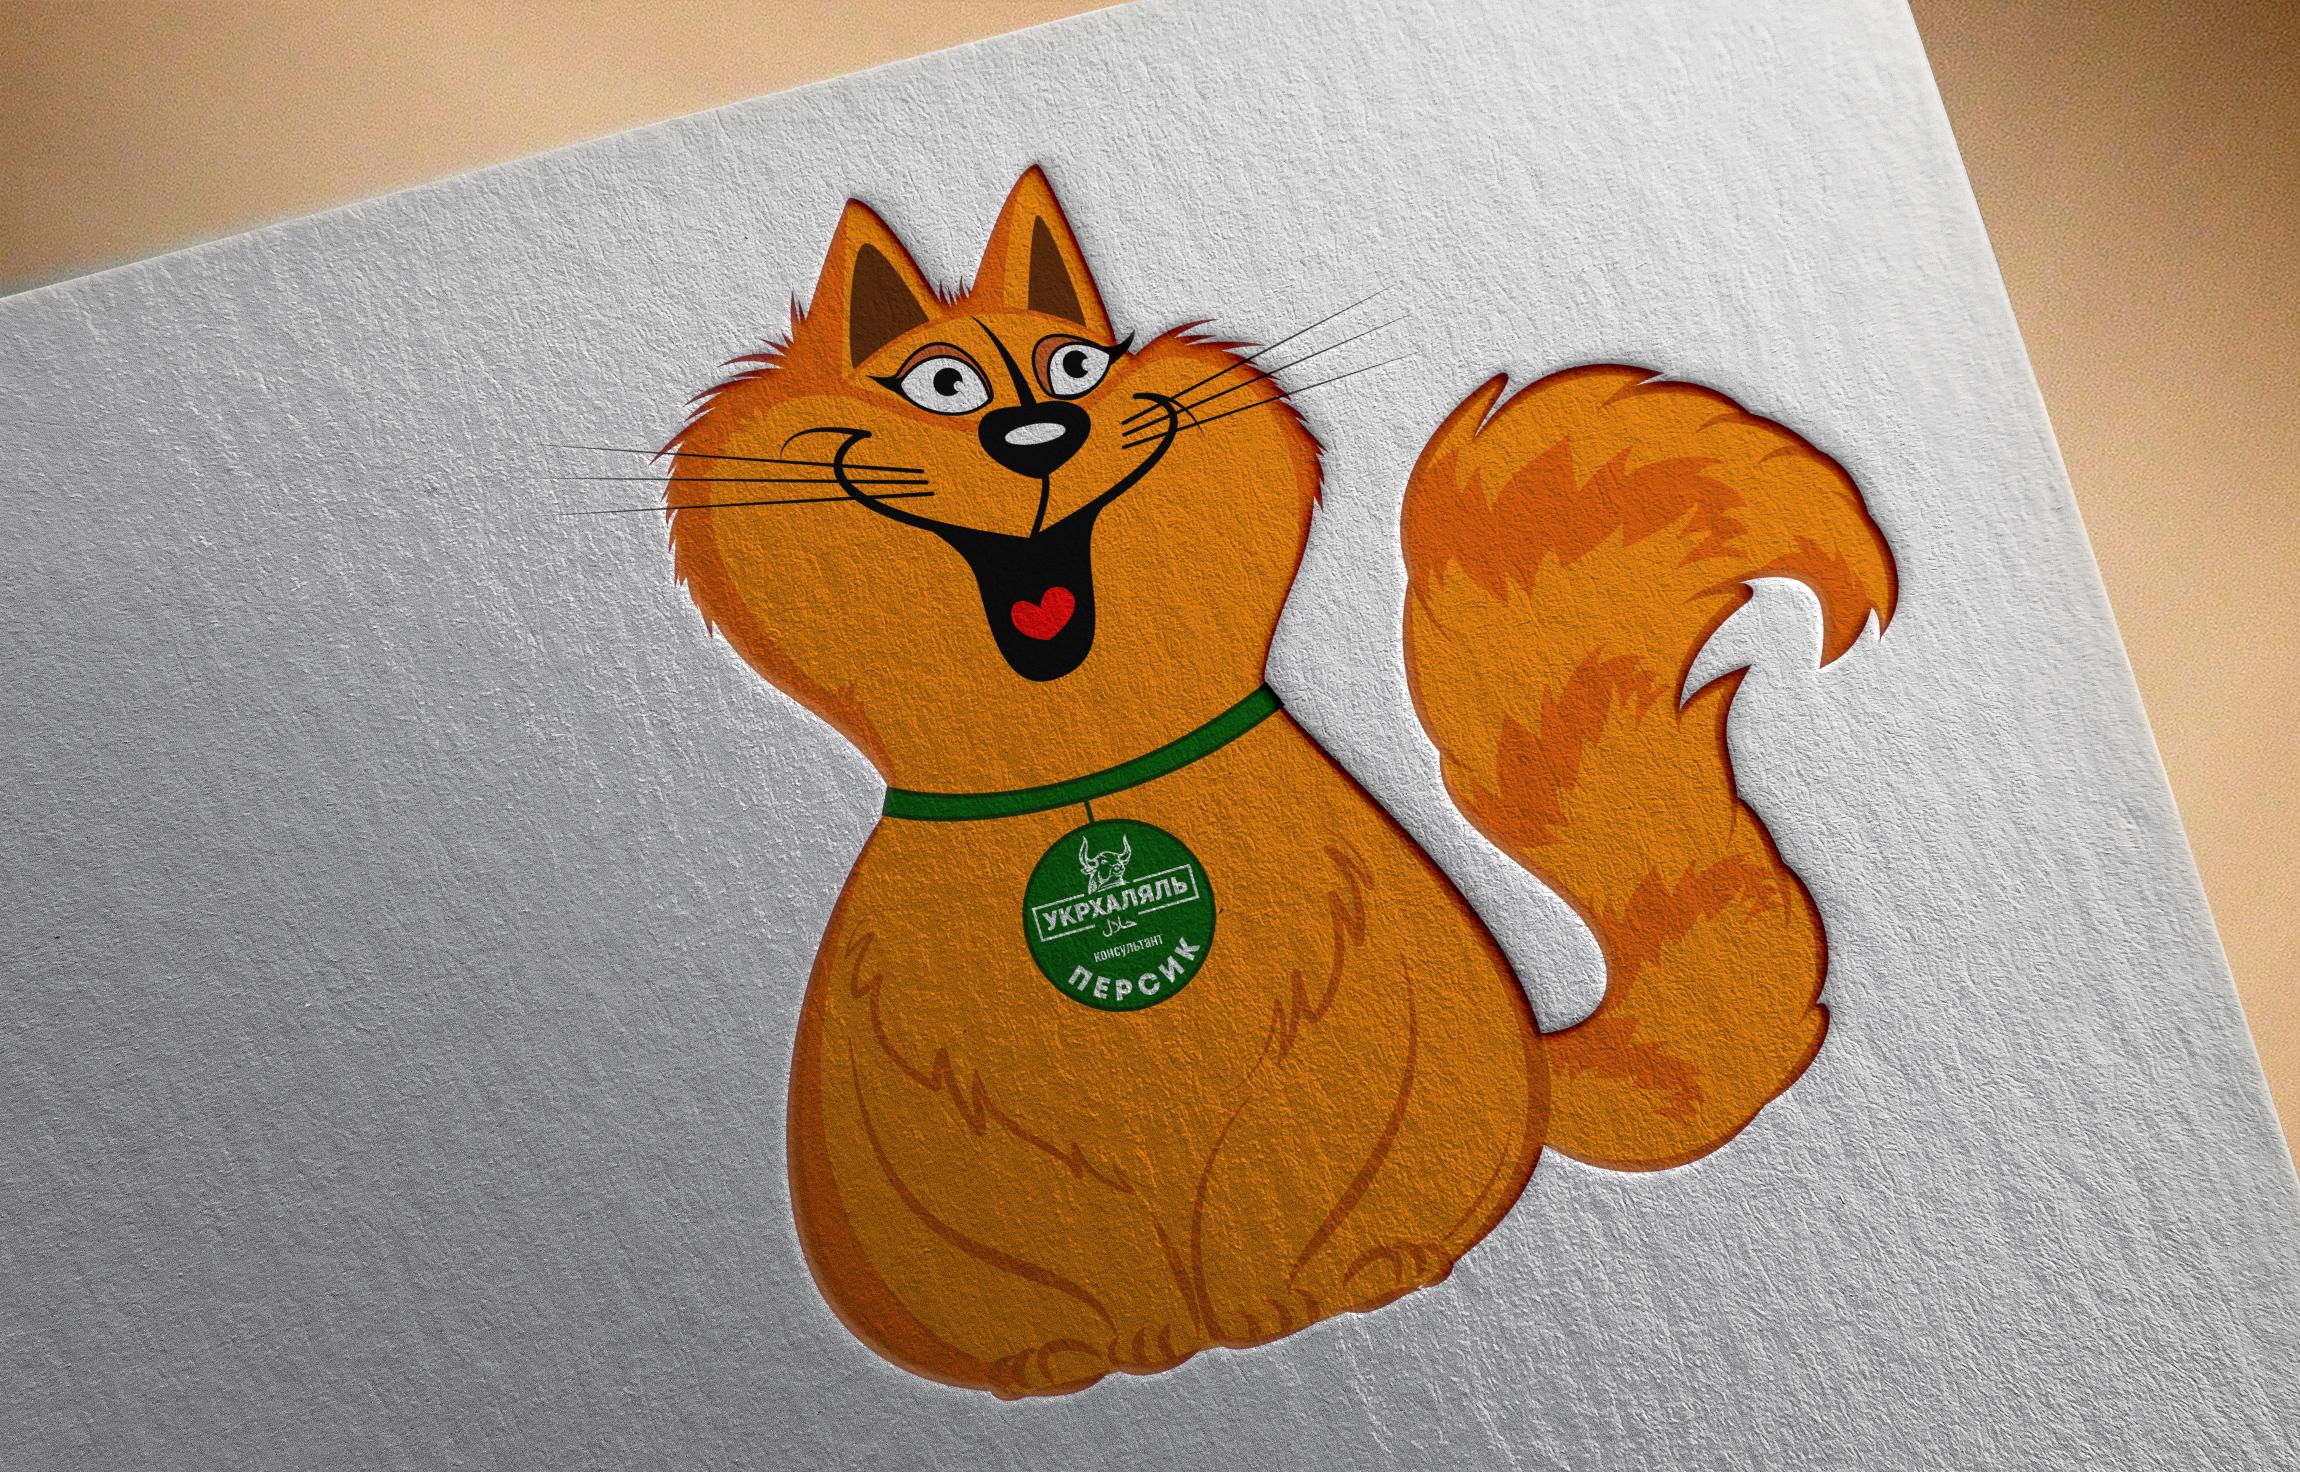 Фото Прорисовка героя котика-консультанта Персика для инстаграм магазина мясных изделий